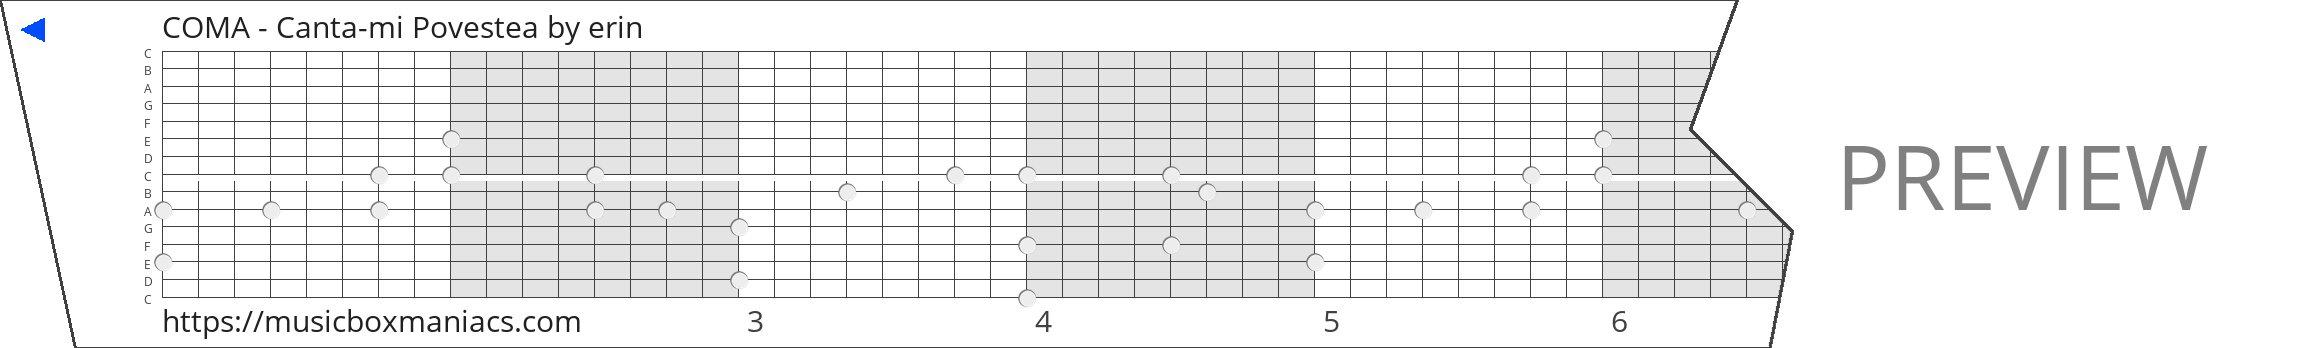 COMA - Canta-mi Povestea 15 note music box paper strip